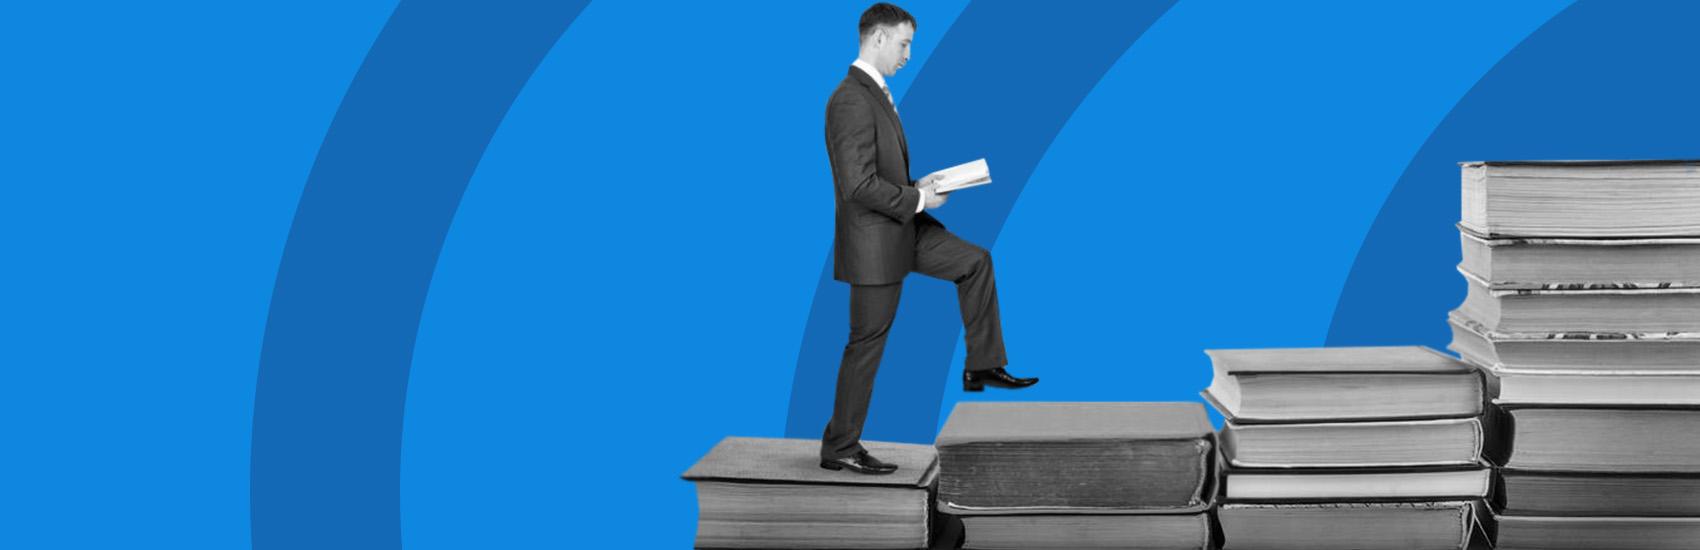 10 книг по бизнесу: рекомендуем к прочтению список бизнес-литературы на все случаи жизни